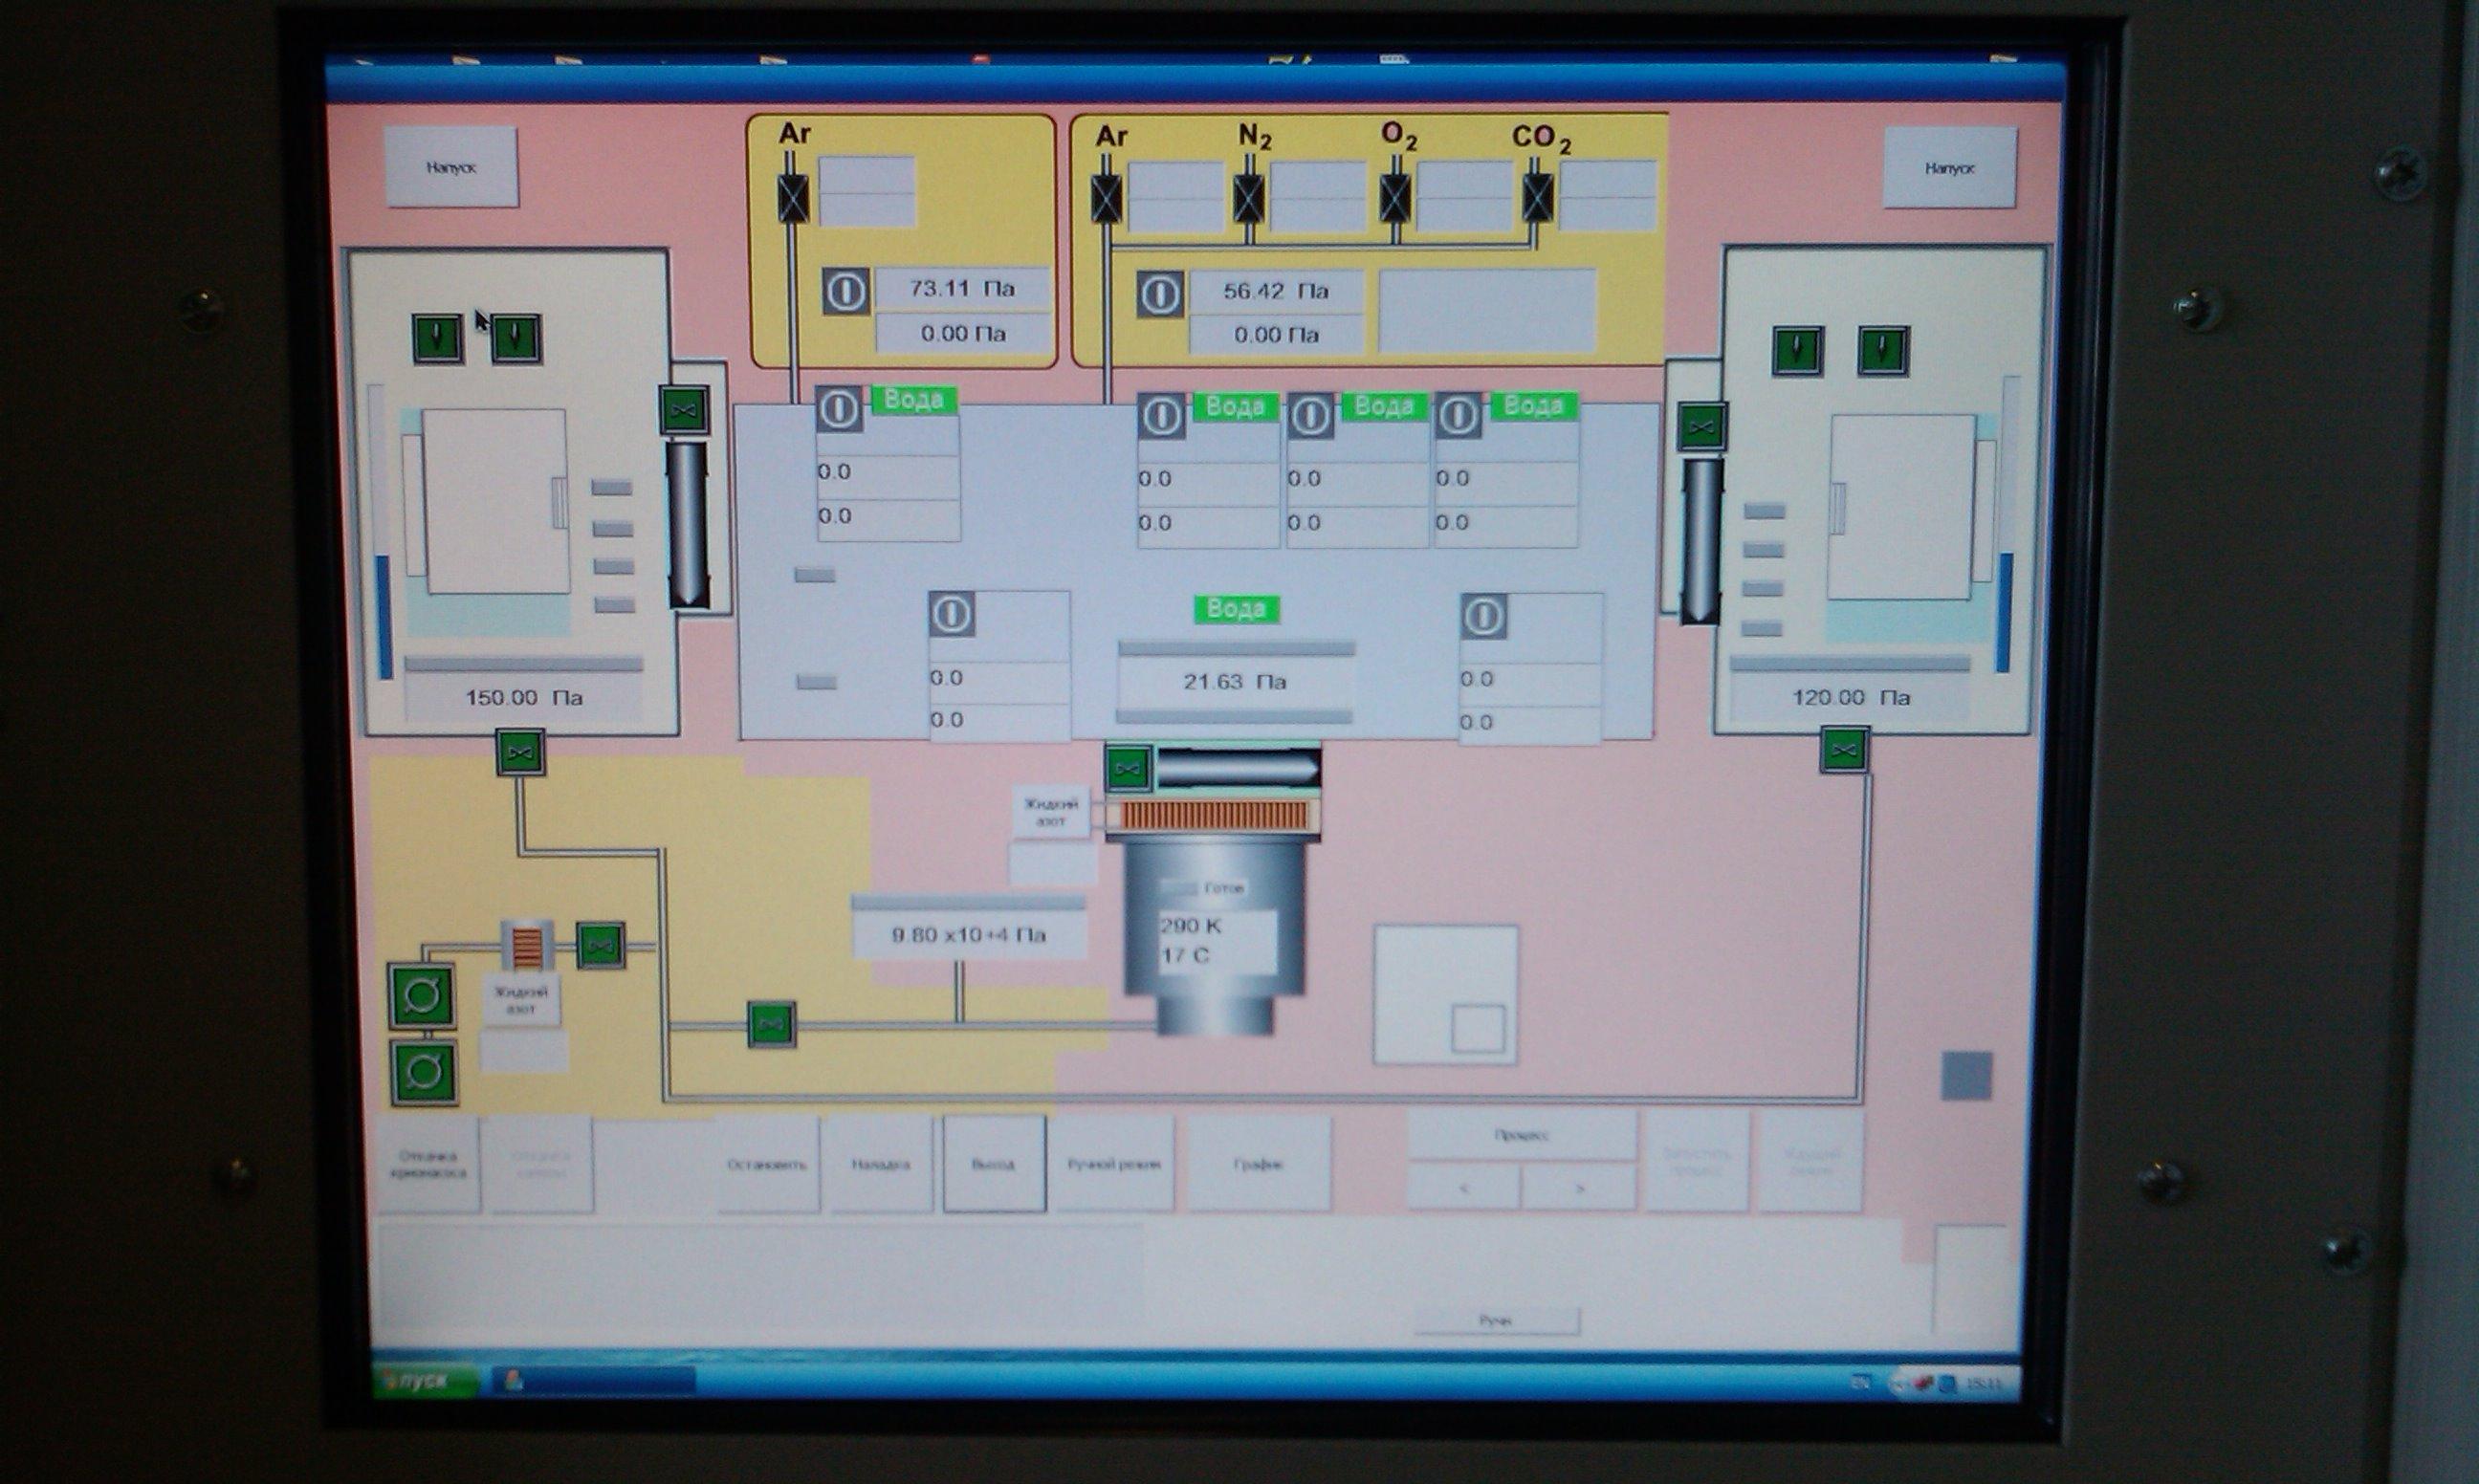 Вид программы управления Оратории-29 с модернизированной системой управления